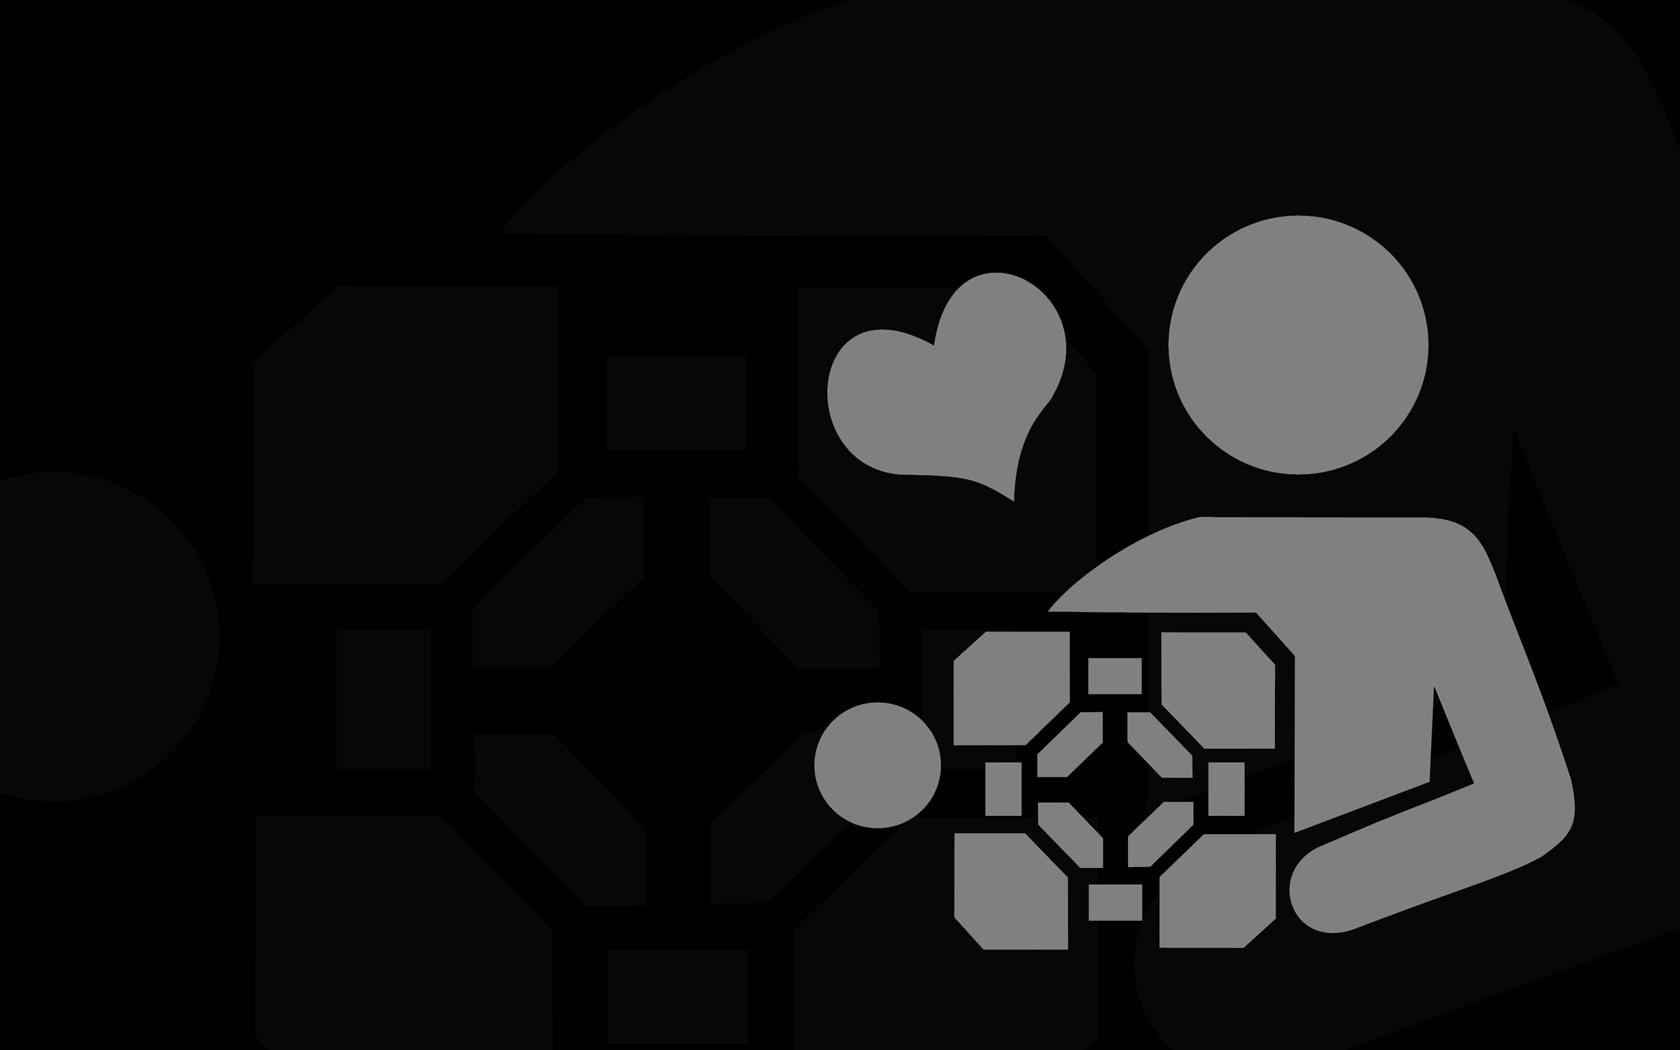 Portal Companion Cube Background - Portal Companion Cube Background